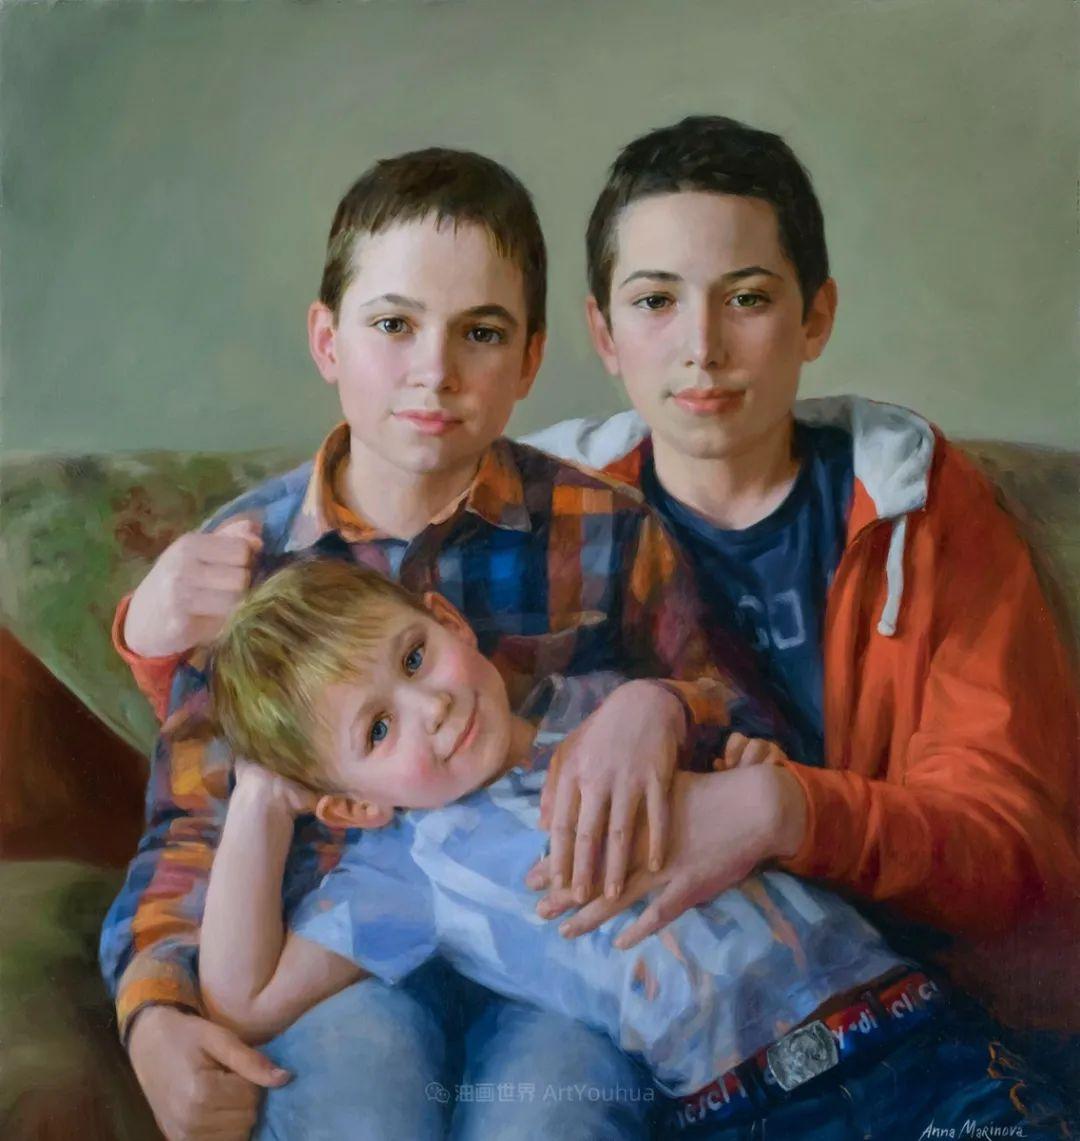 花卉与人物肖像,俄罗斯女画家安娜·玛丽诺娃插图63